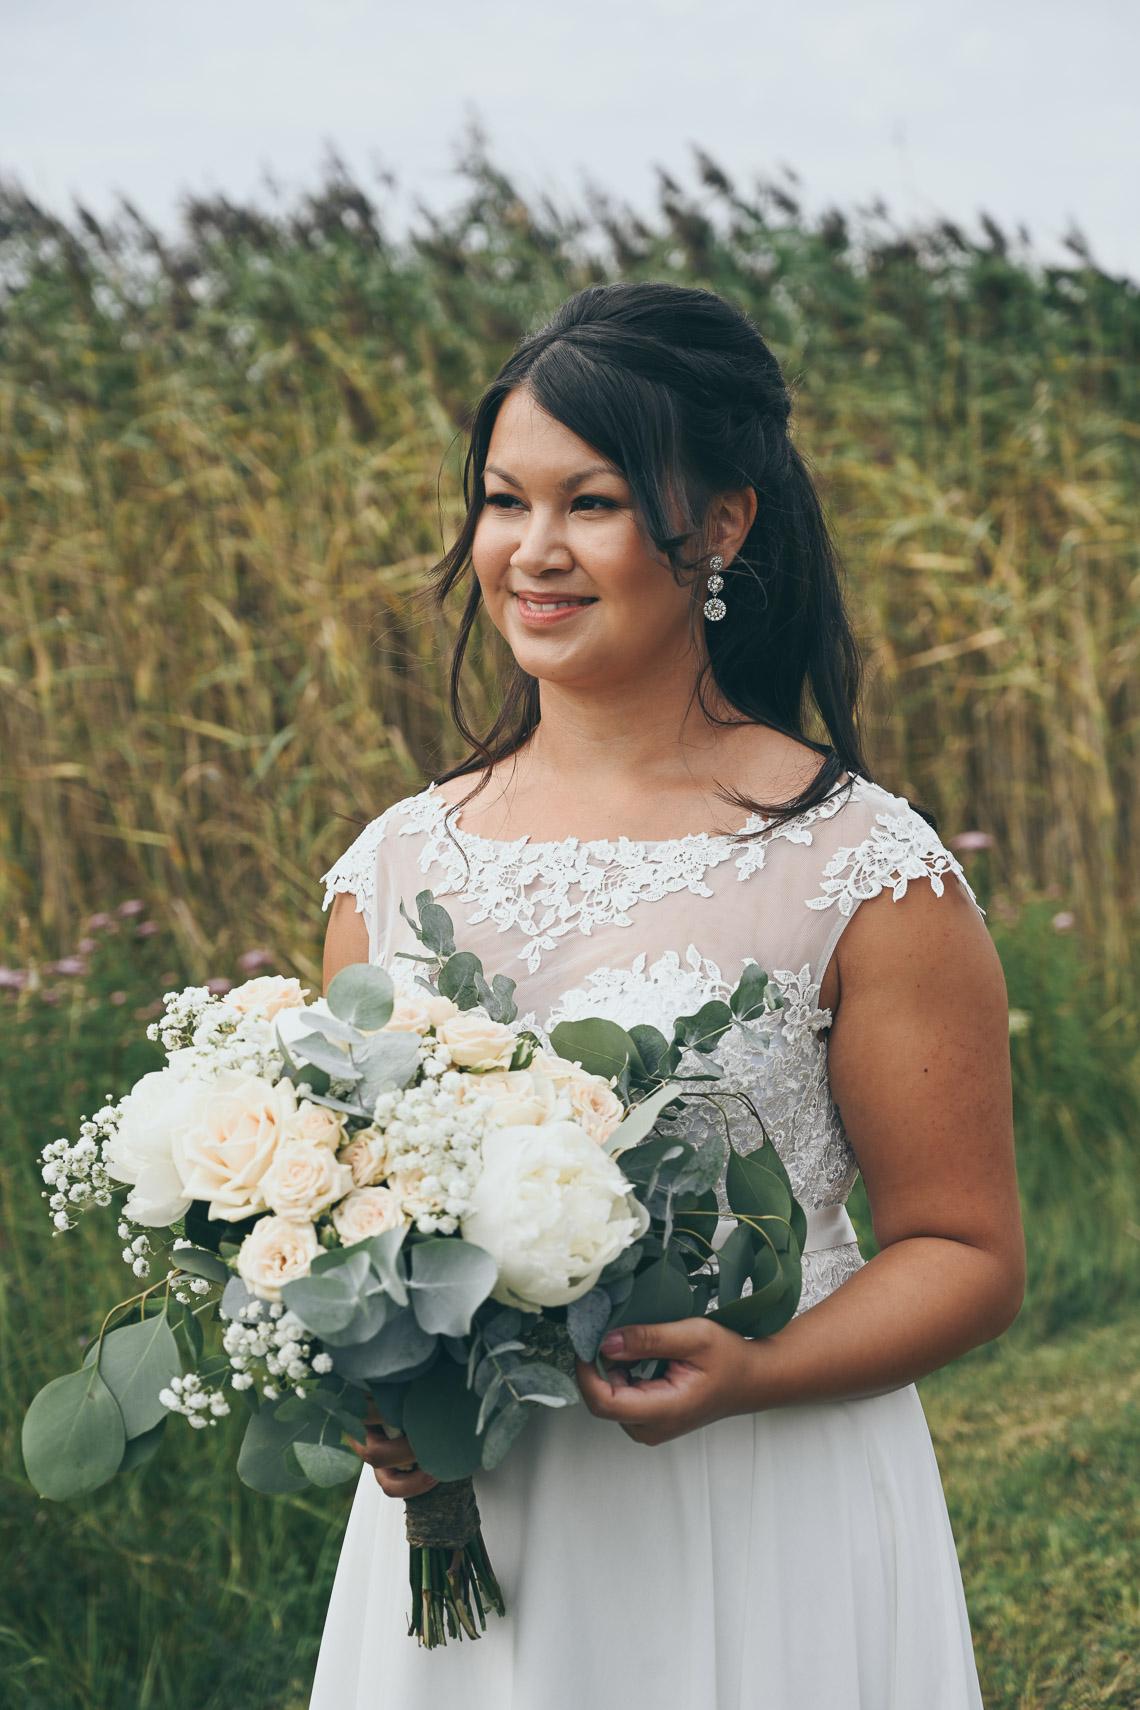 Brudporträtt fotograf Sandra Hila